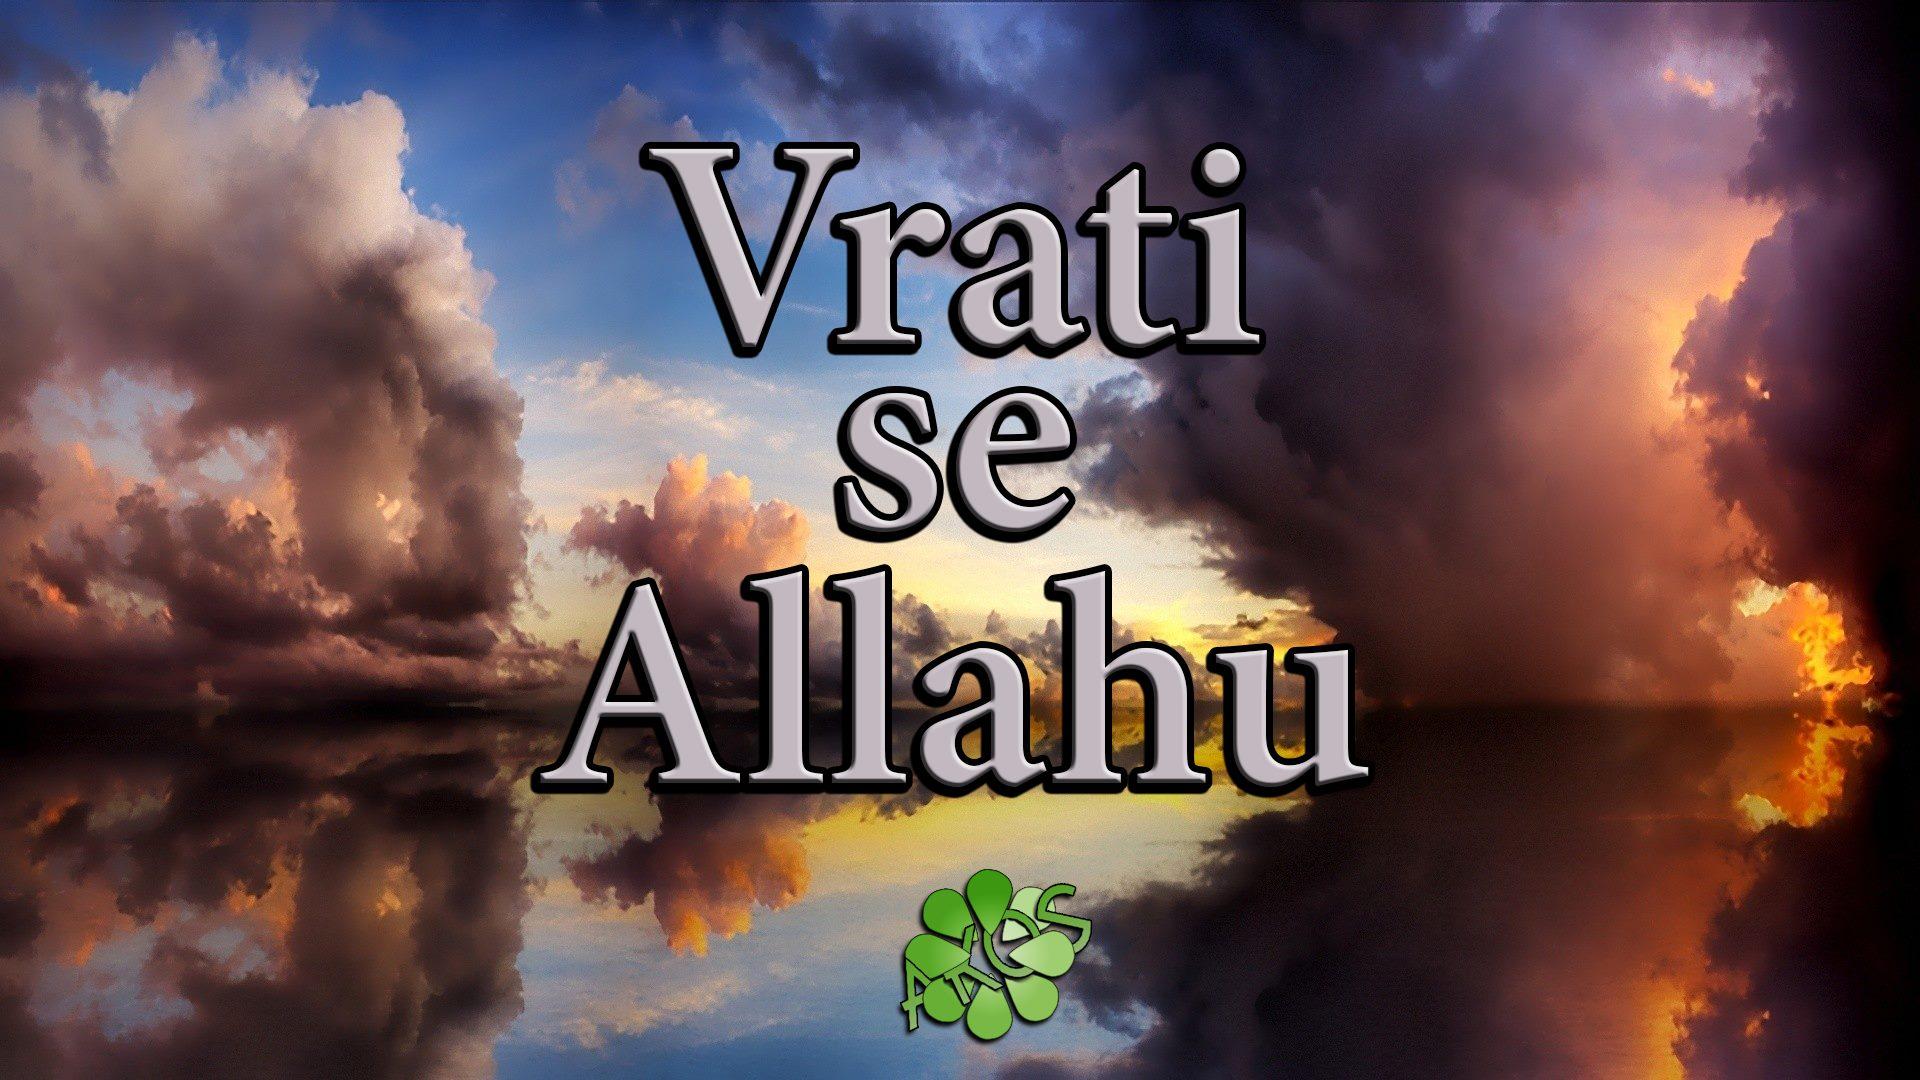 Spoznaj svoga Gospodara: Šta misliš o Allahu?